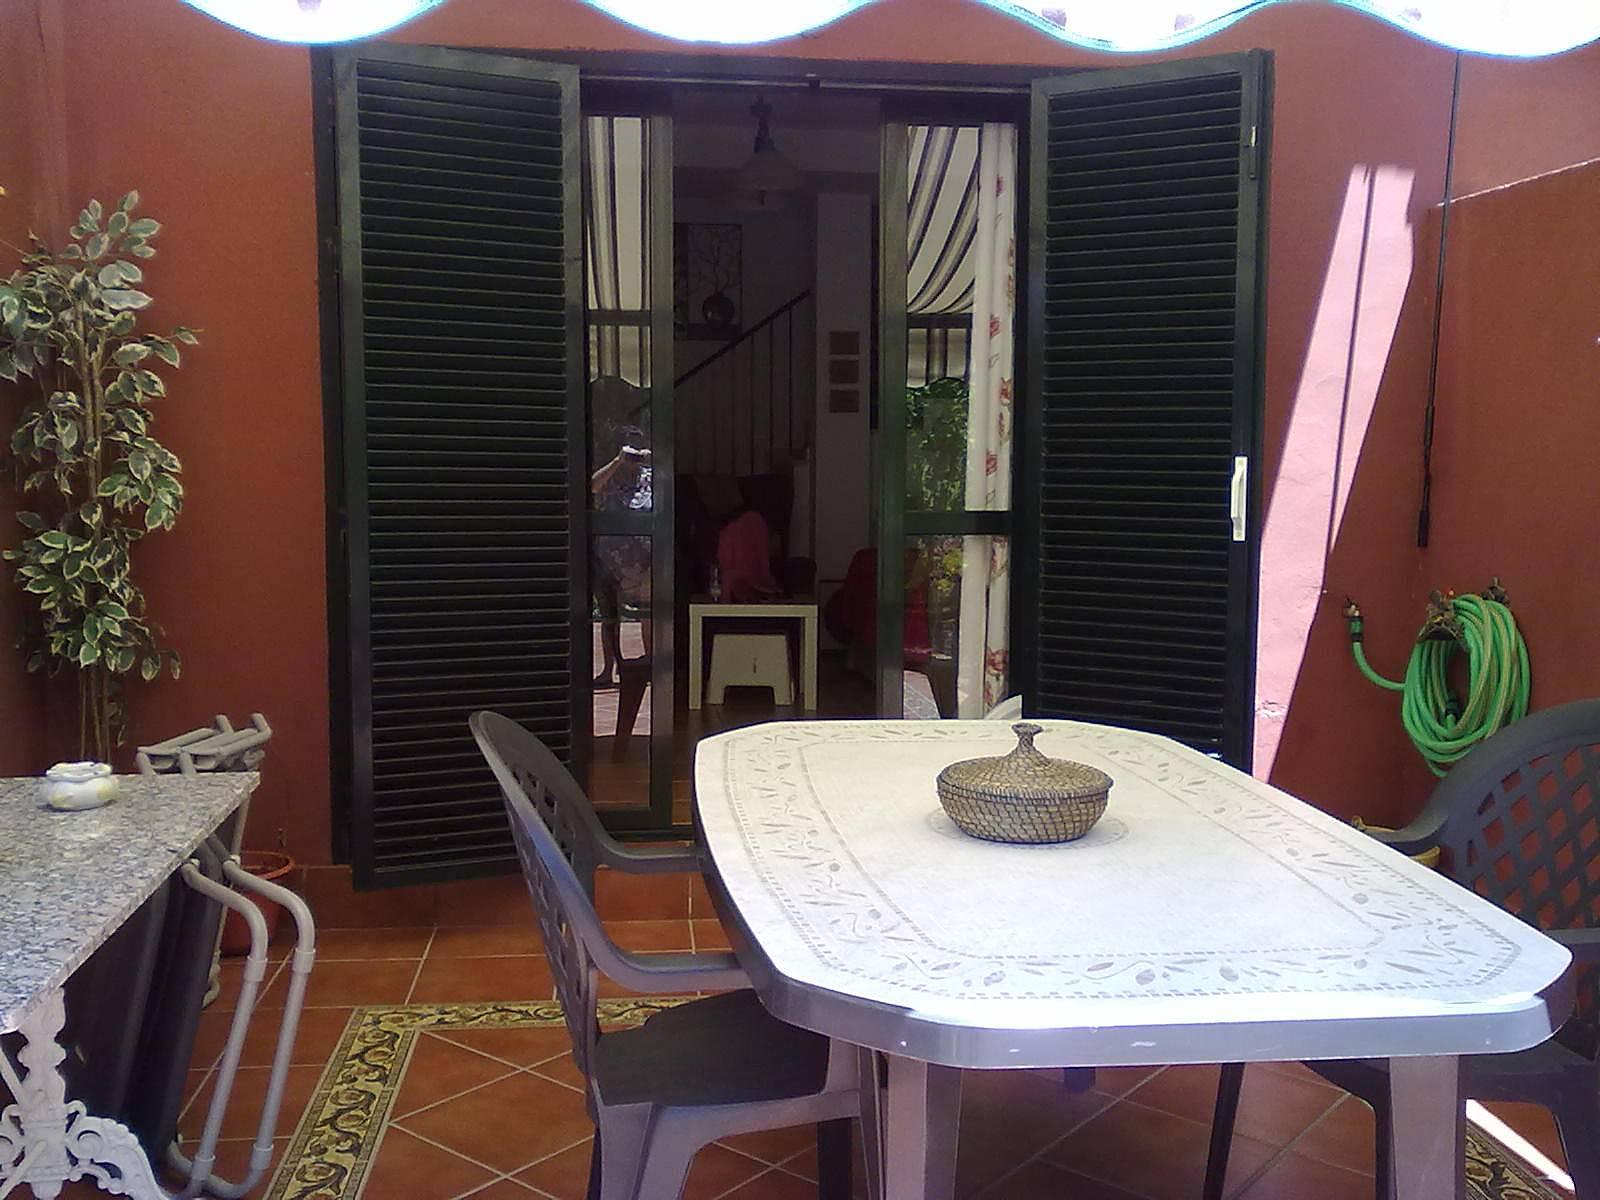 Casa para 5 7 personas a 700 m de la playa islantilla - Rentalia islantilla ...